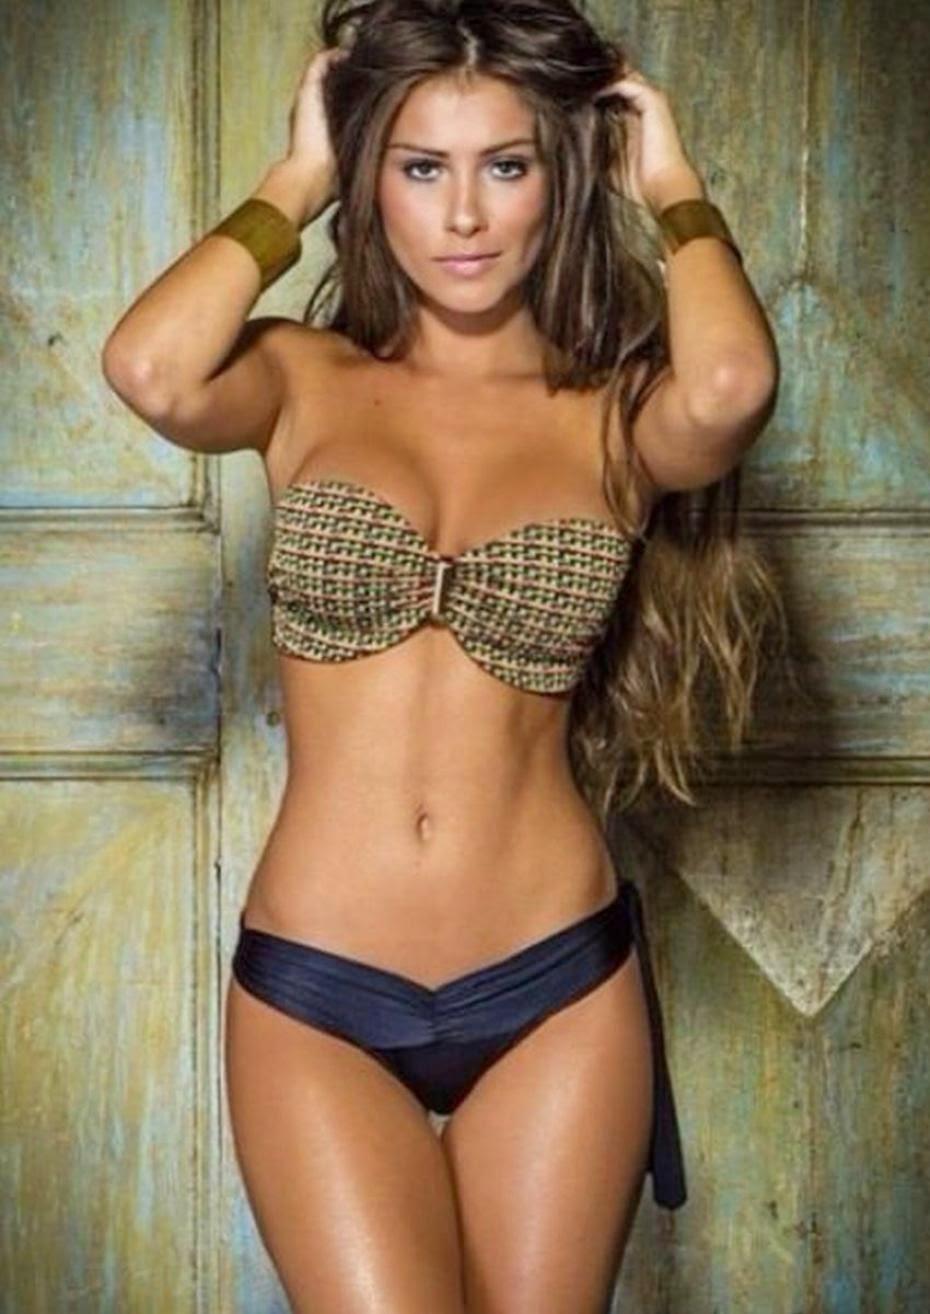 anto rocuzzo roccuzzo desnuda topless bikini messi